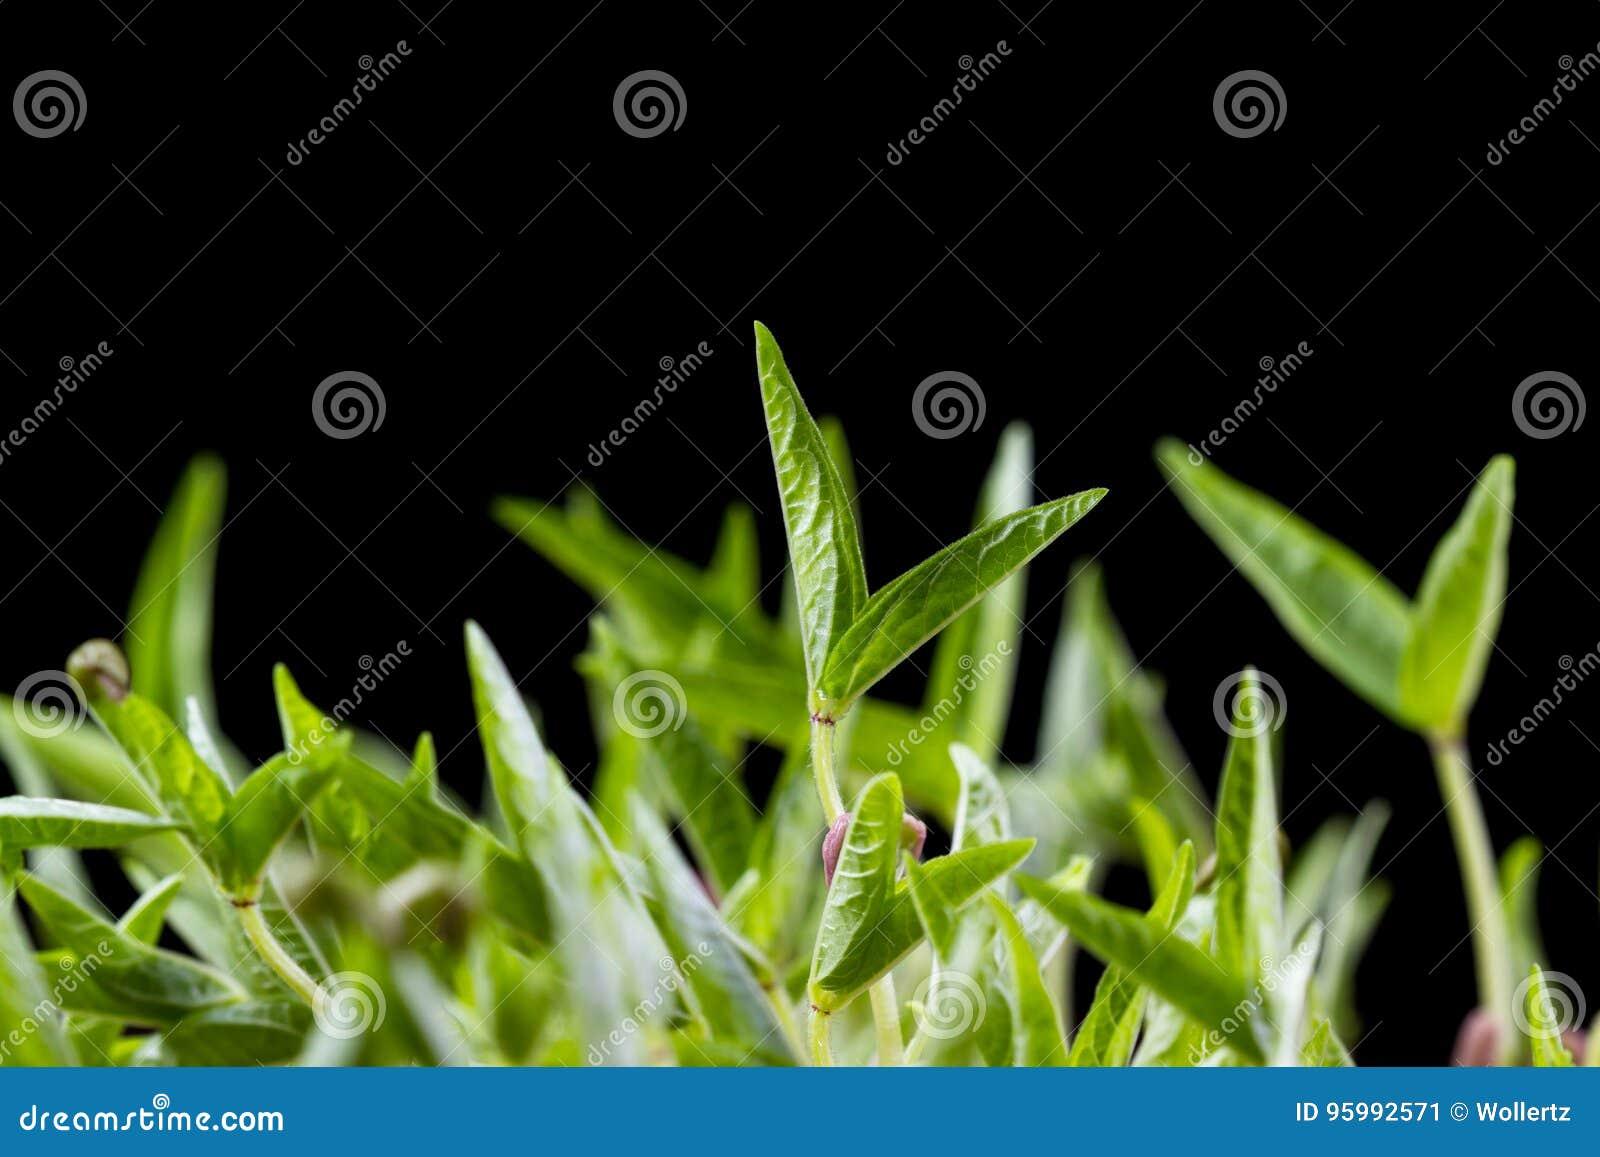 Groene sojaboonspruiten